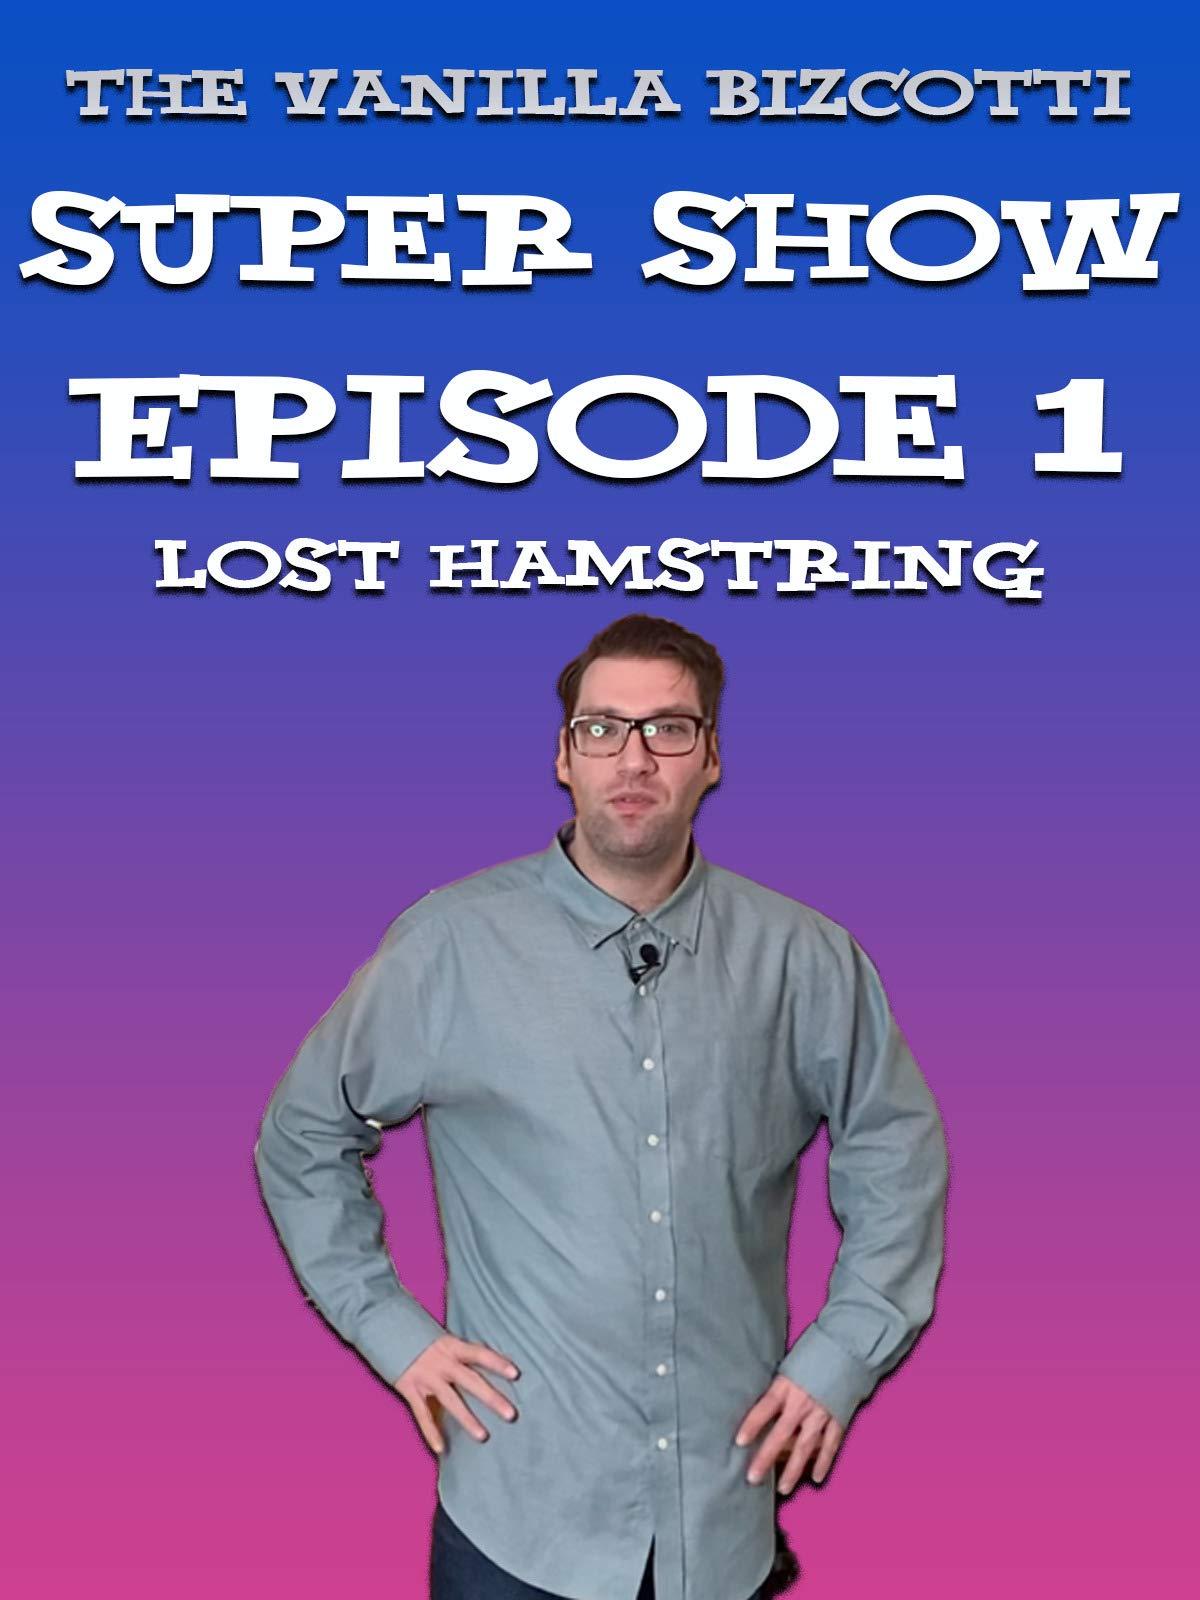 The Vanilla Bizcotti Super Show - Episode 1. Lost Hamstring